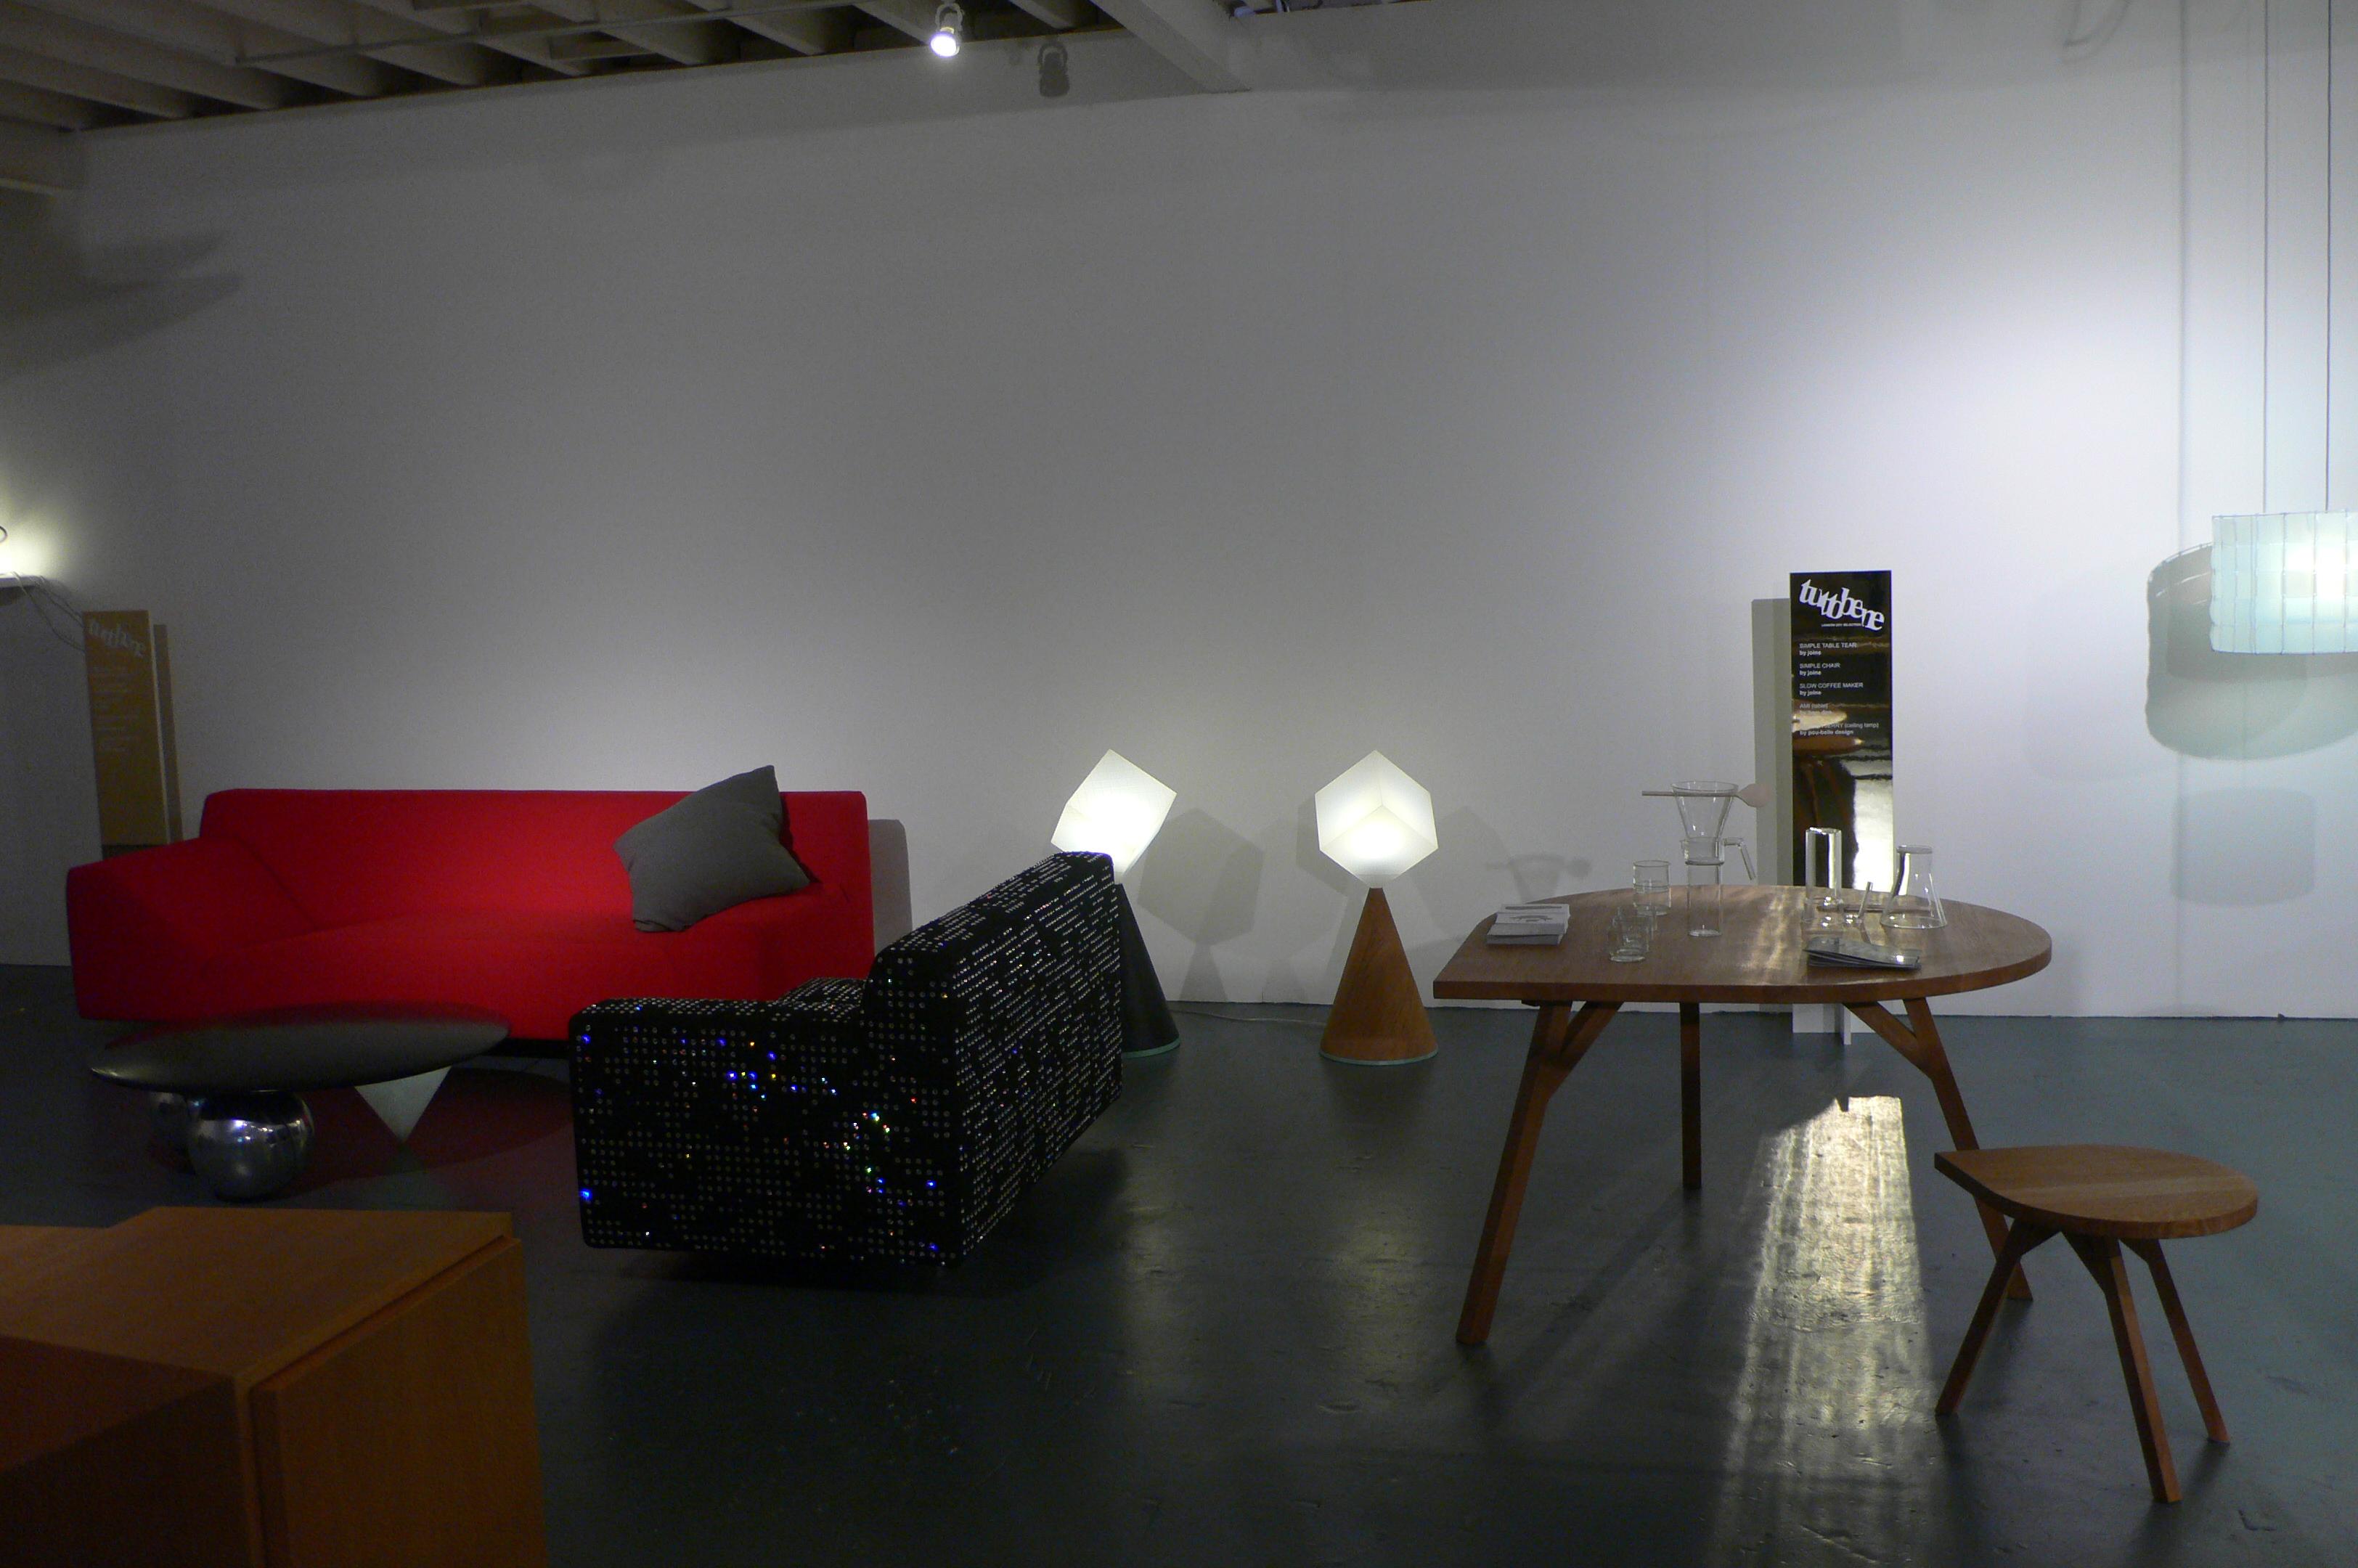 London design week 2011 Maarten Baptist @ AUBIN&WILLS wiht tuttobene